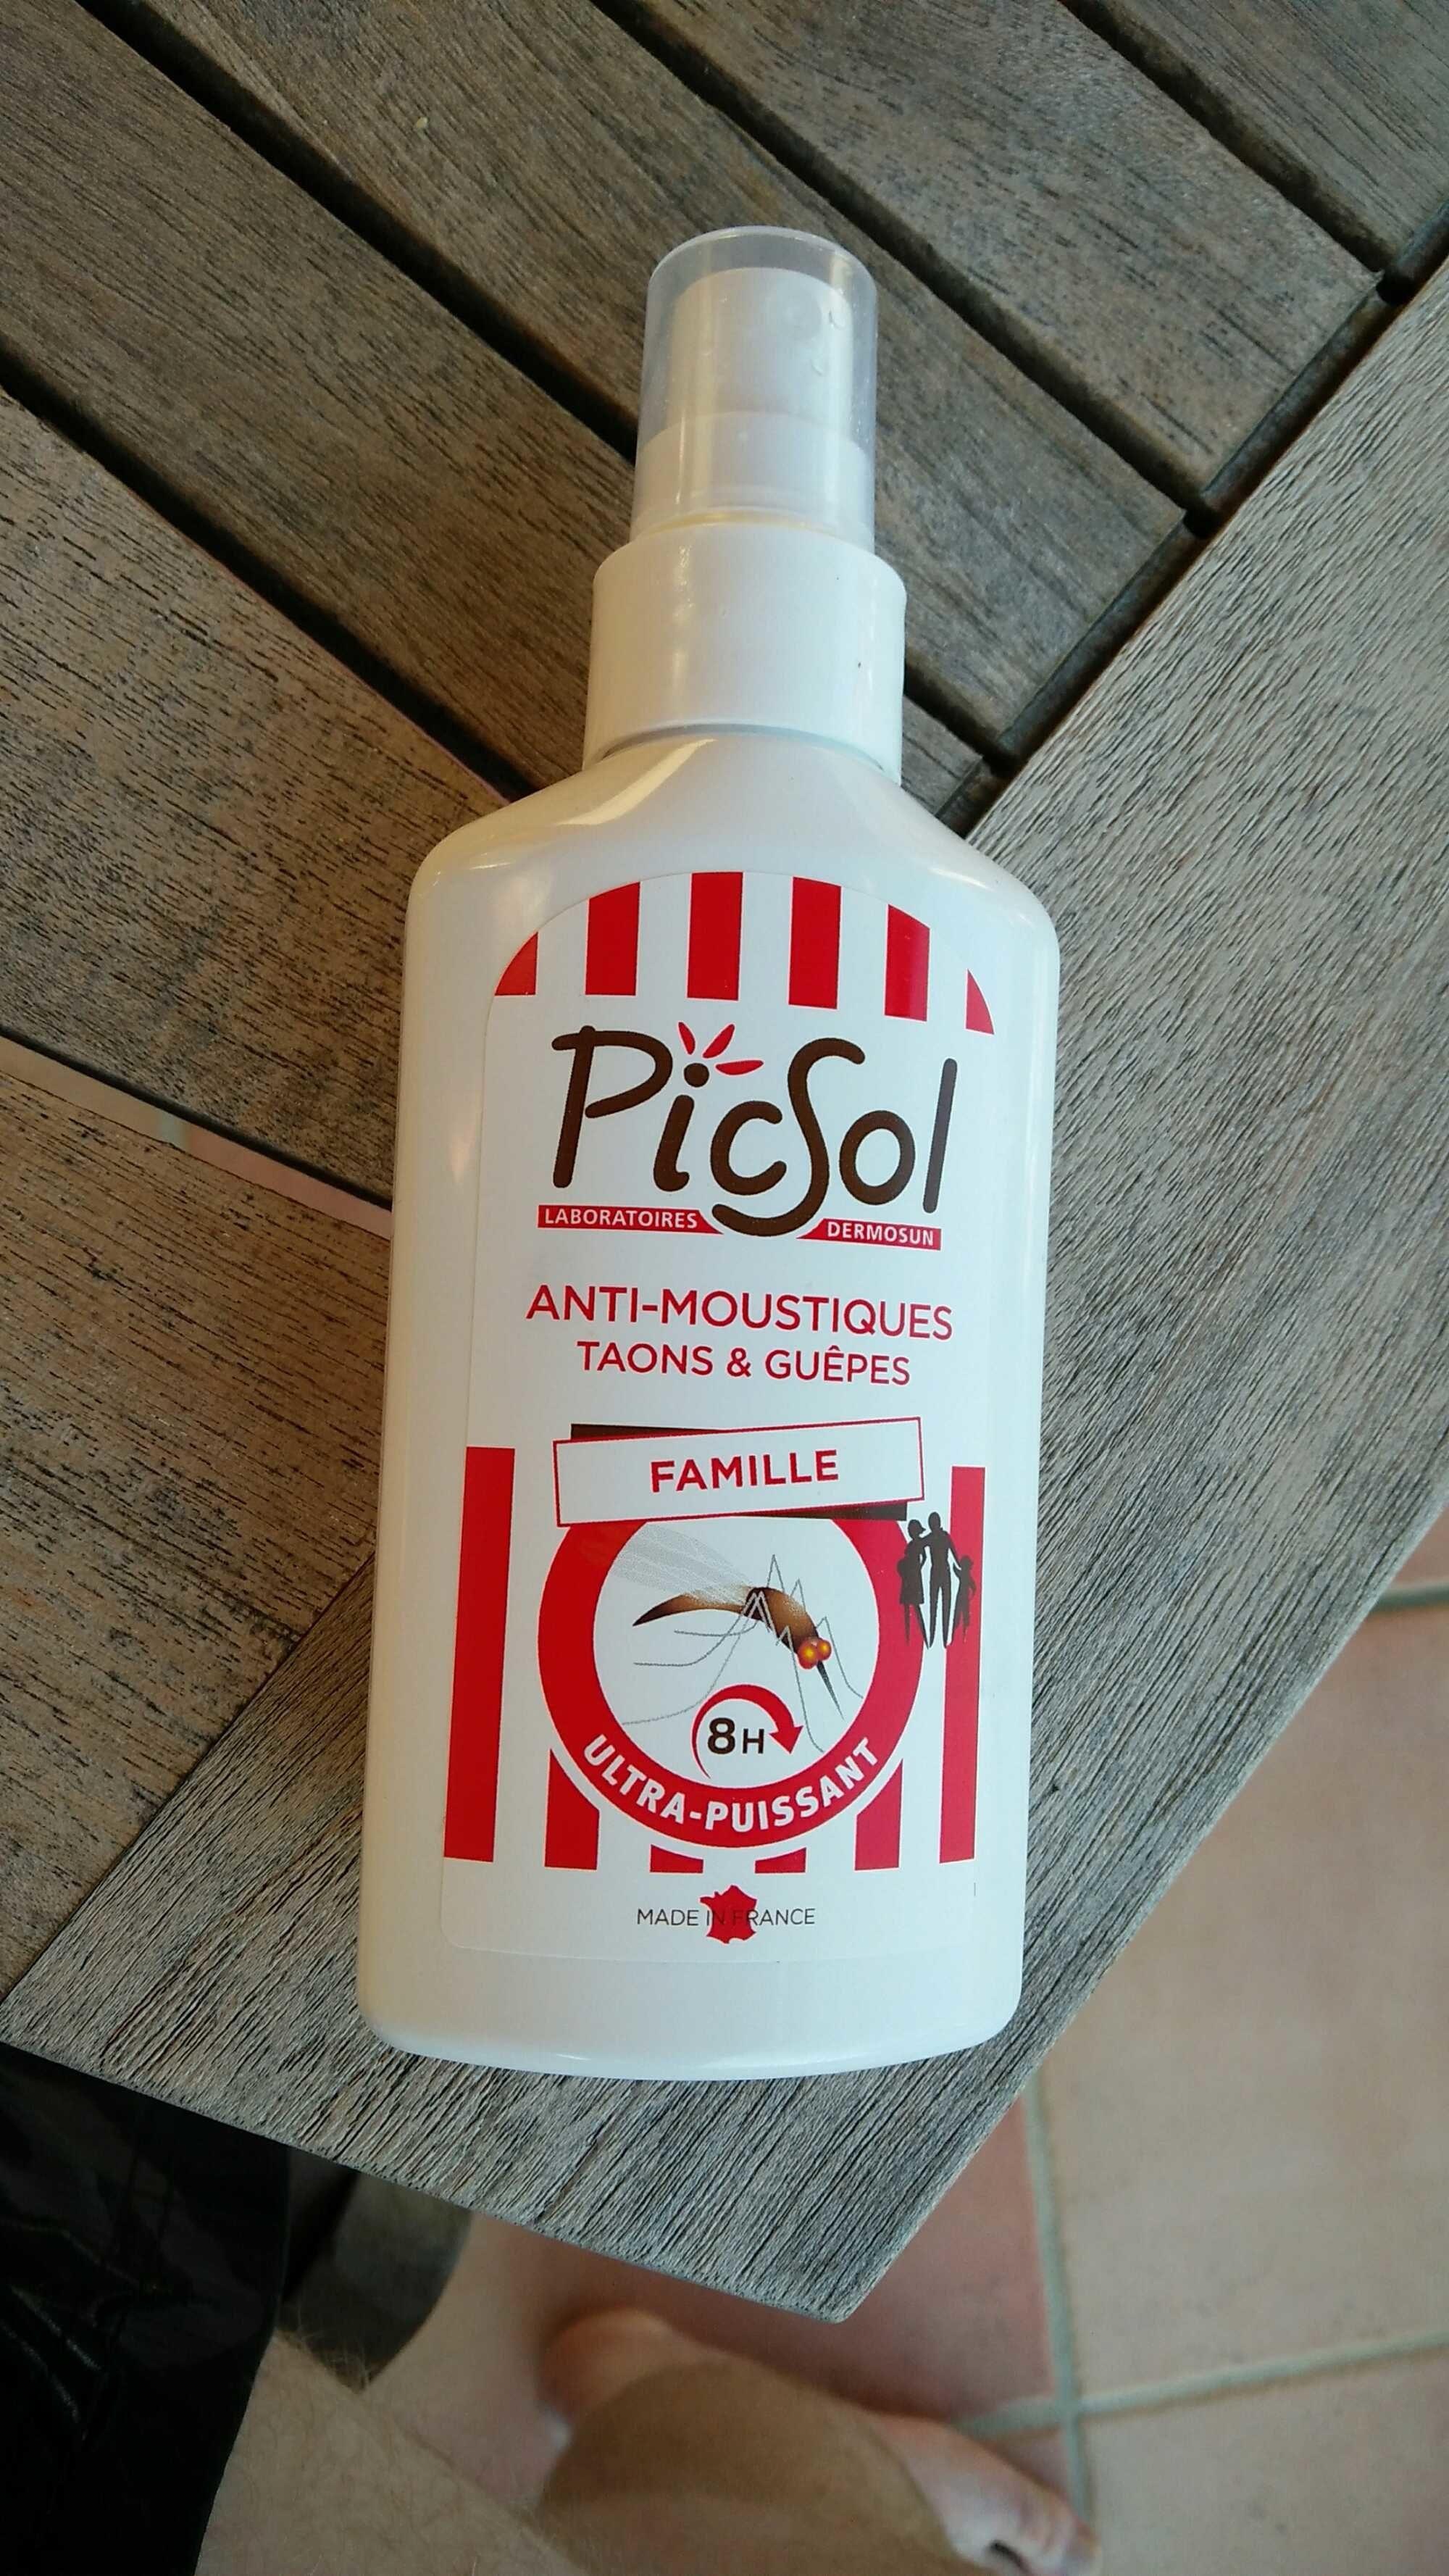 Répulsif PicSol - Product - fr